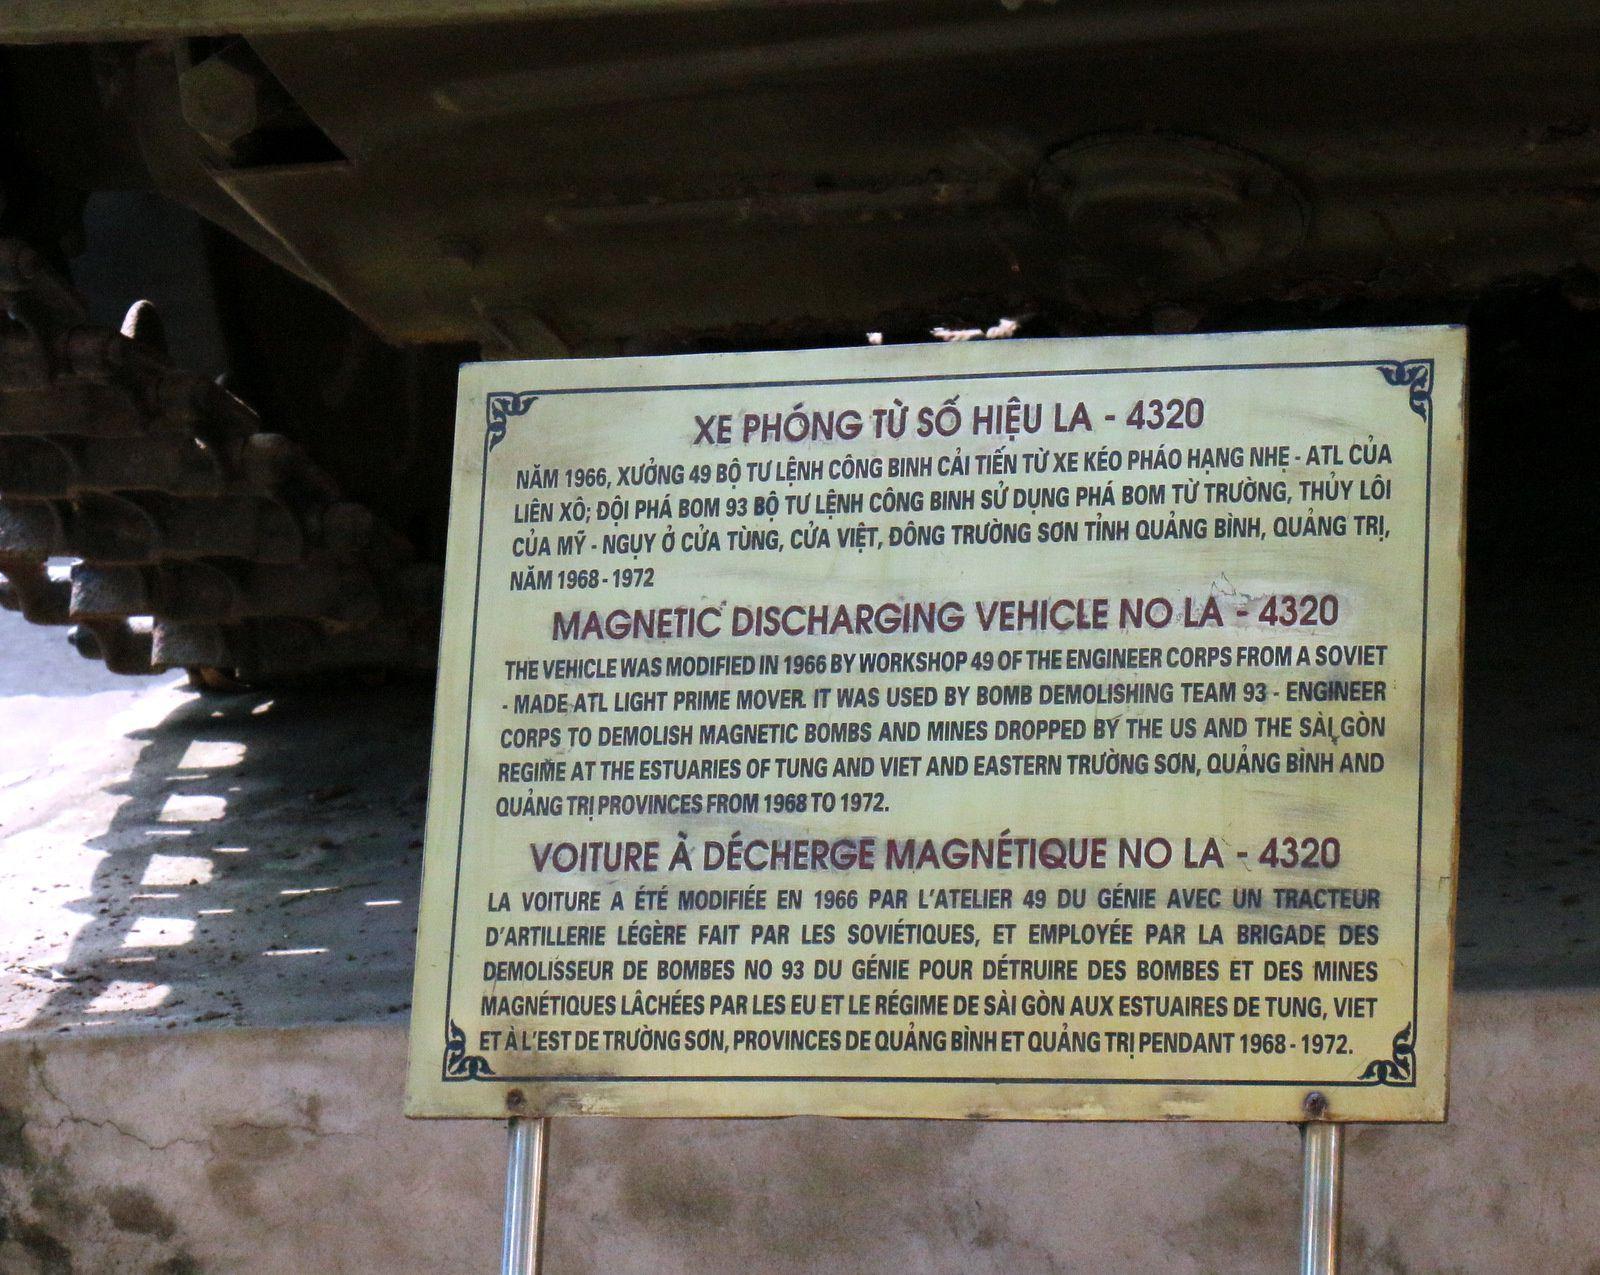 Matériels du musée d'histoire militaire de Hanoï